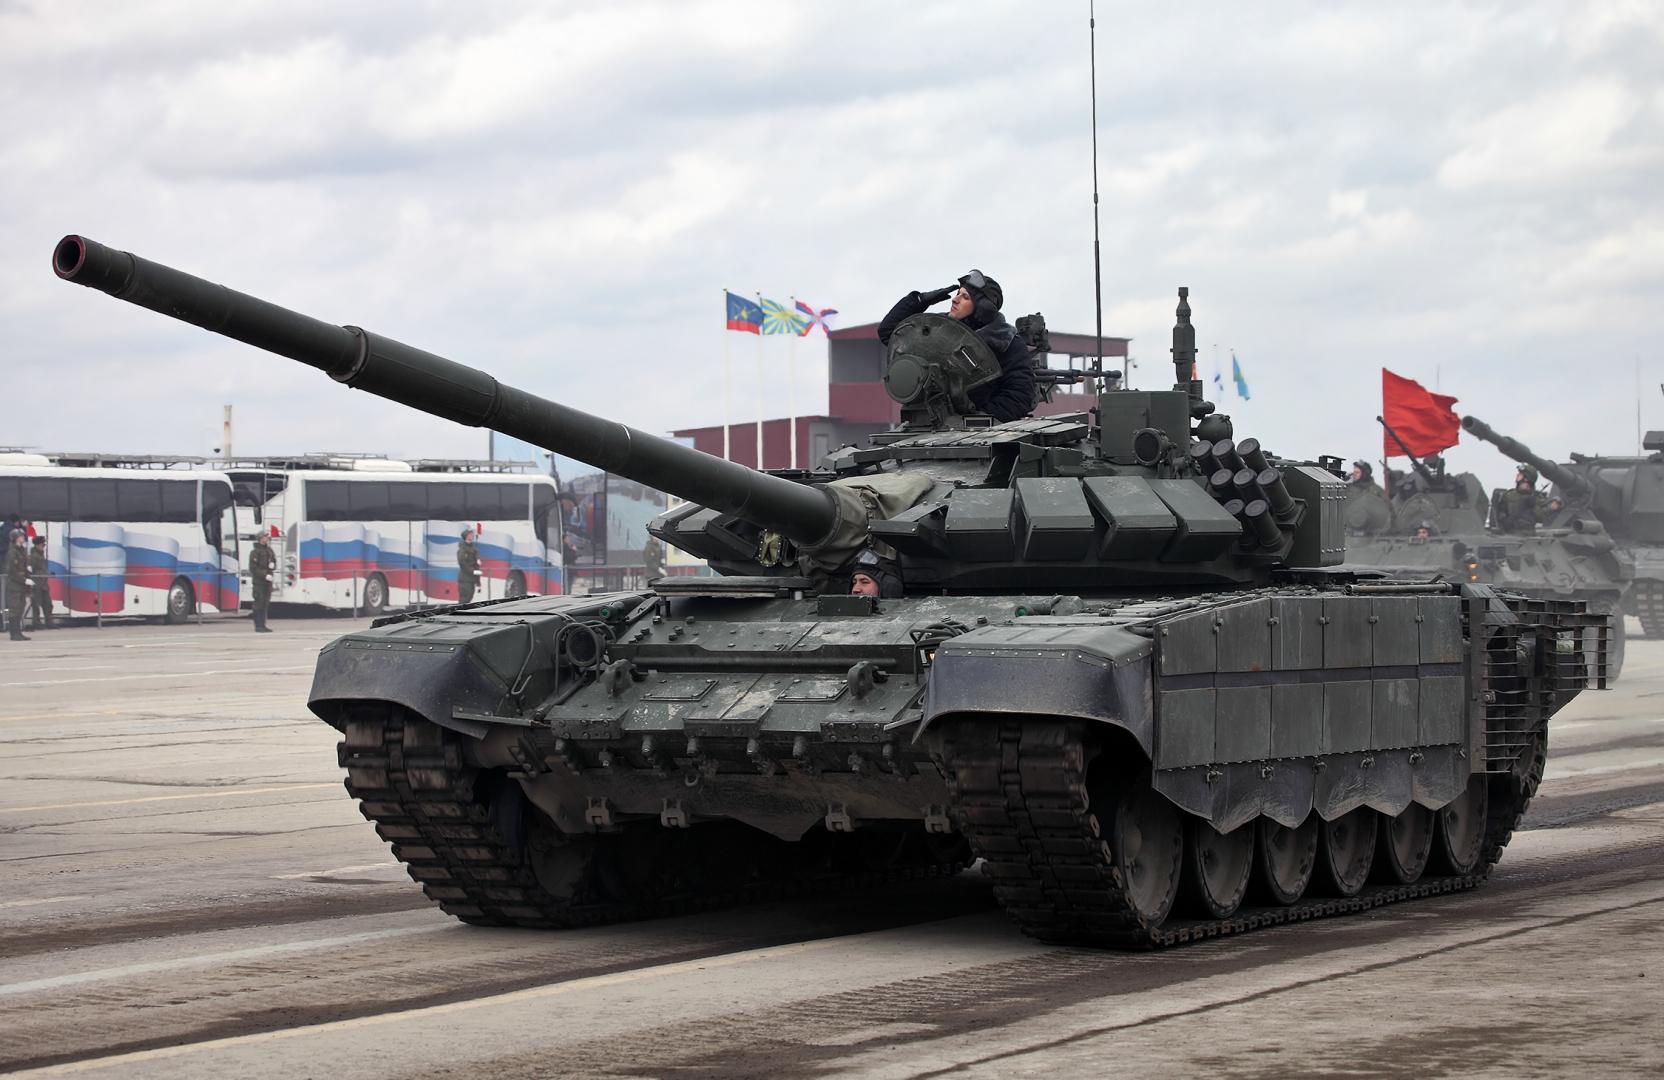 Модернизированный Т-72Б3 образца 2016 года с дополнительной защитой